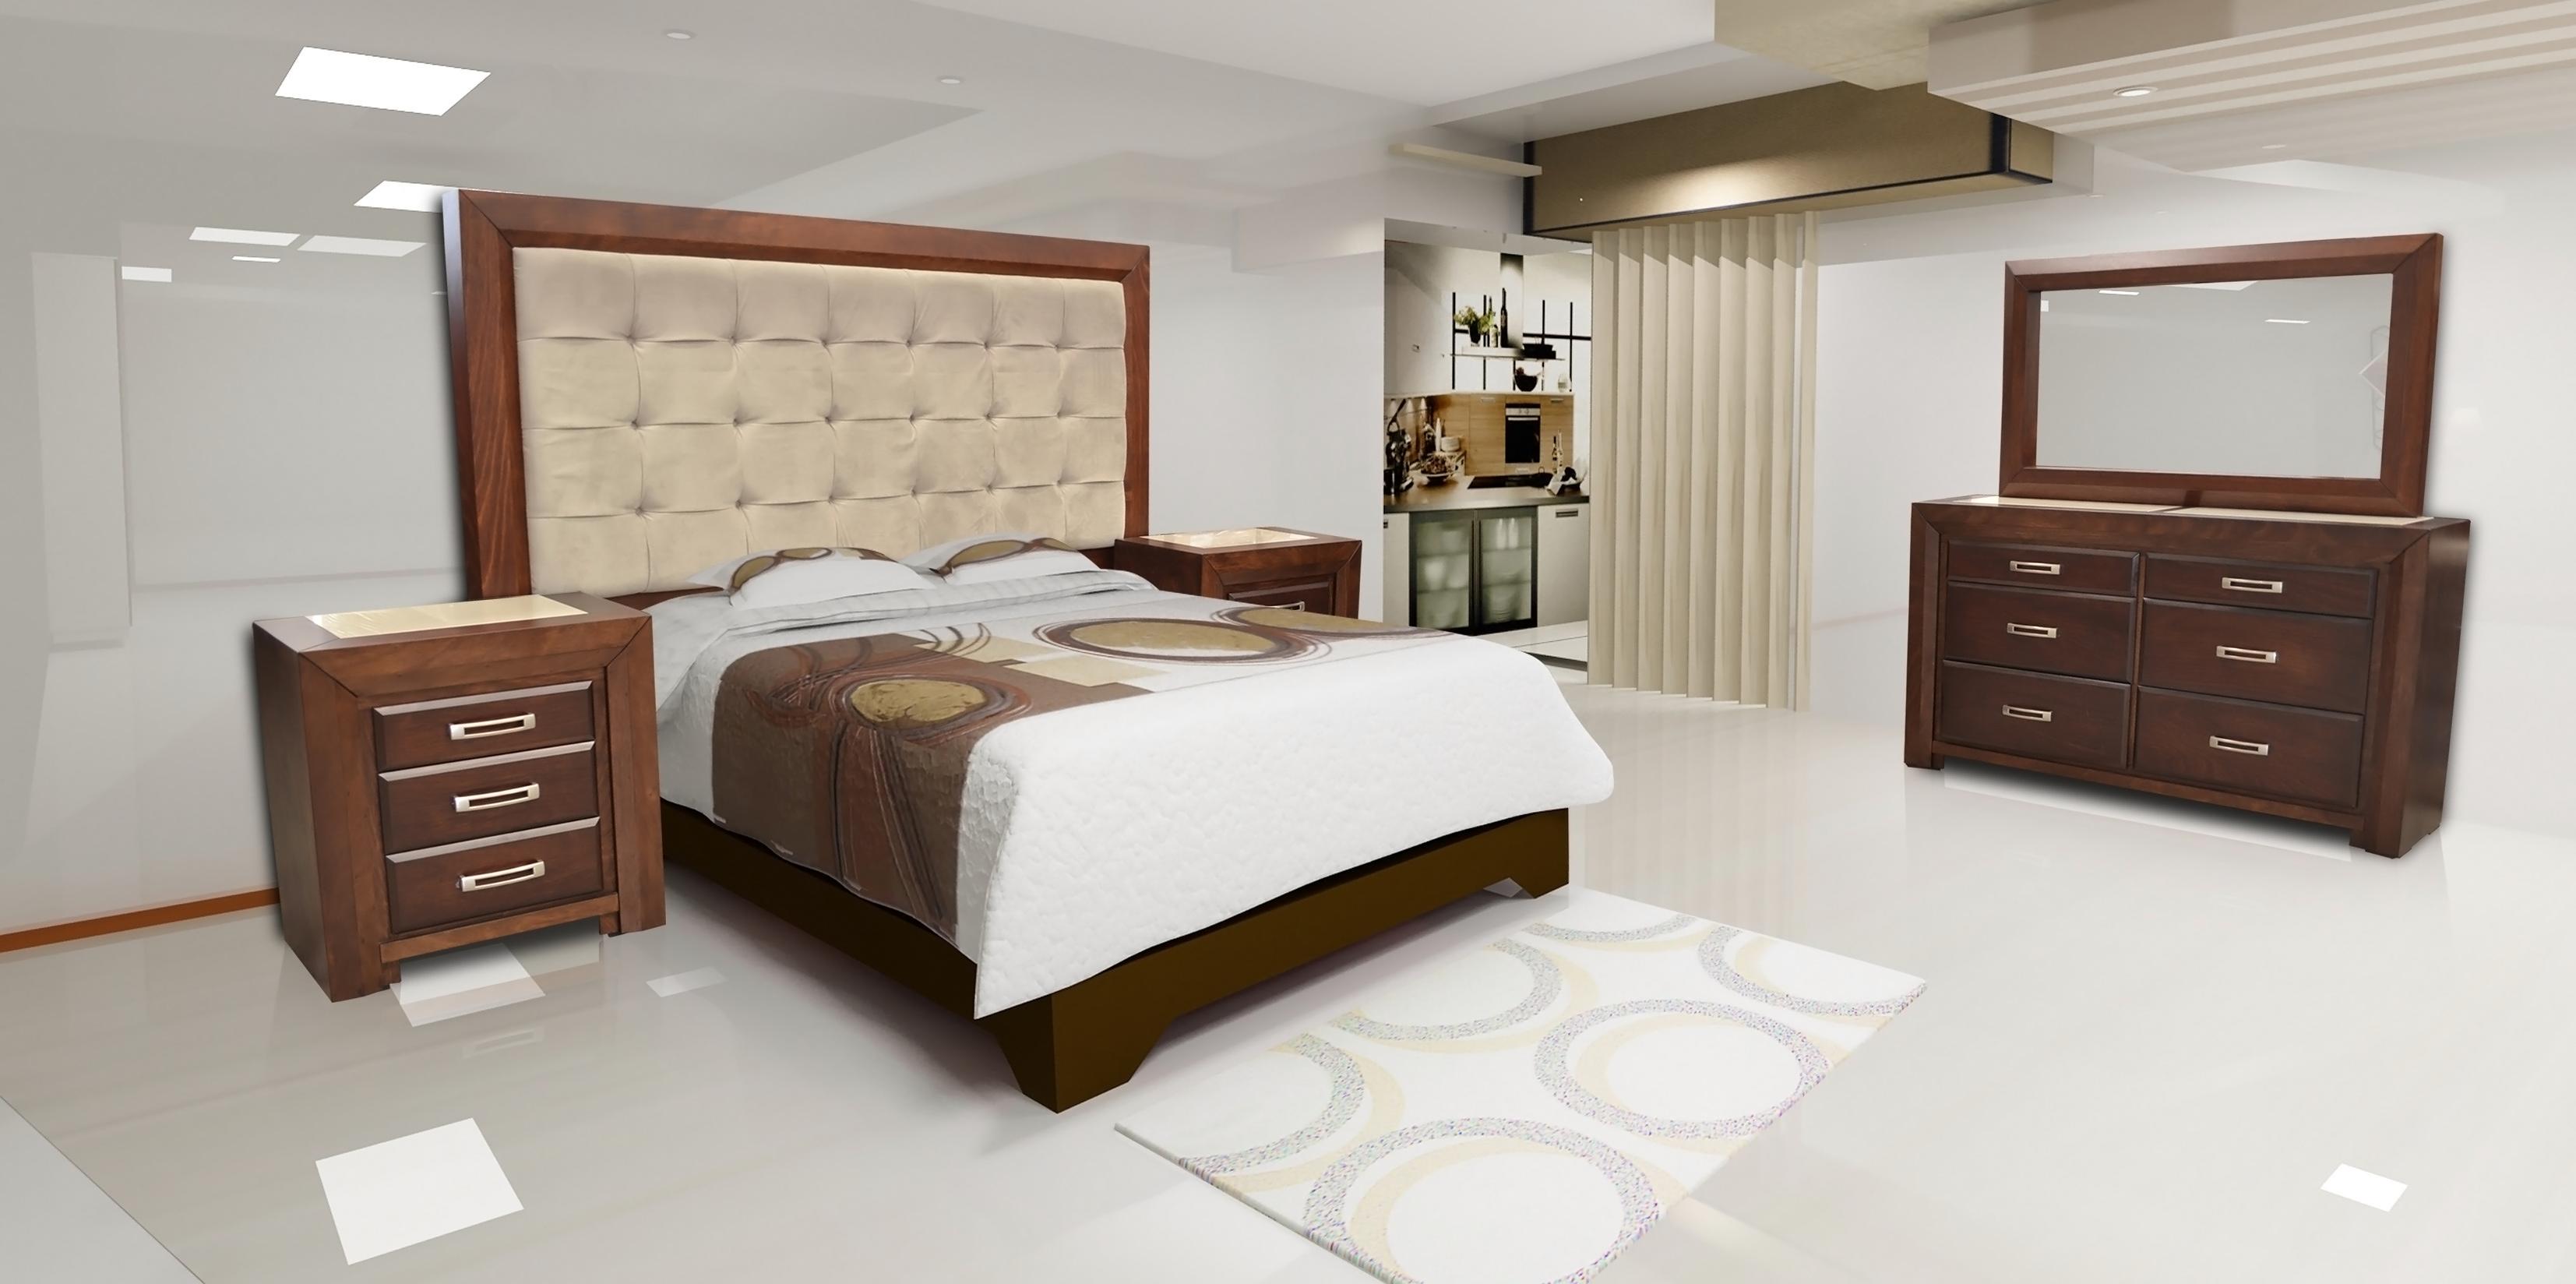 Deco Muebles Muebles Nacionales E Importados Salas Recamaras  # Muebles Cuernavaca